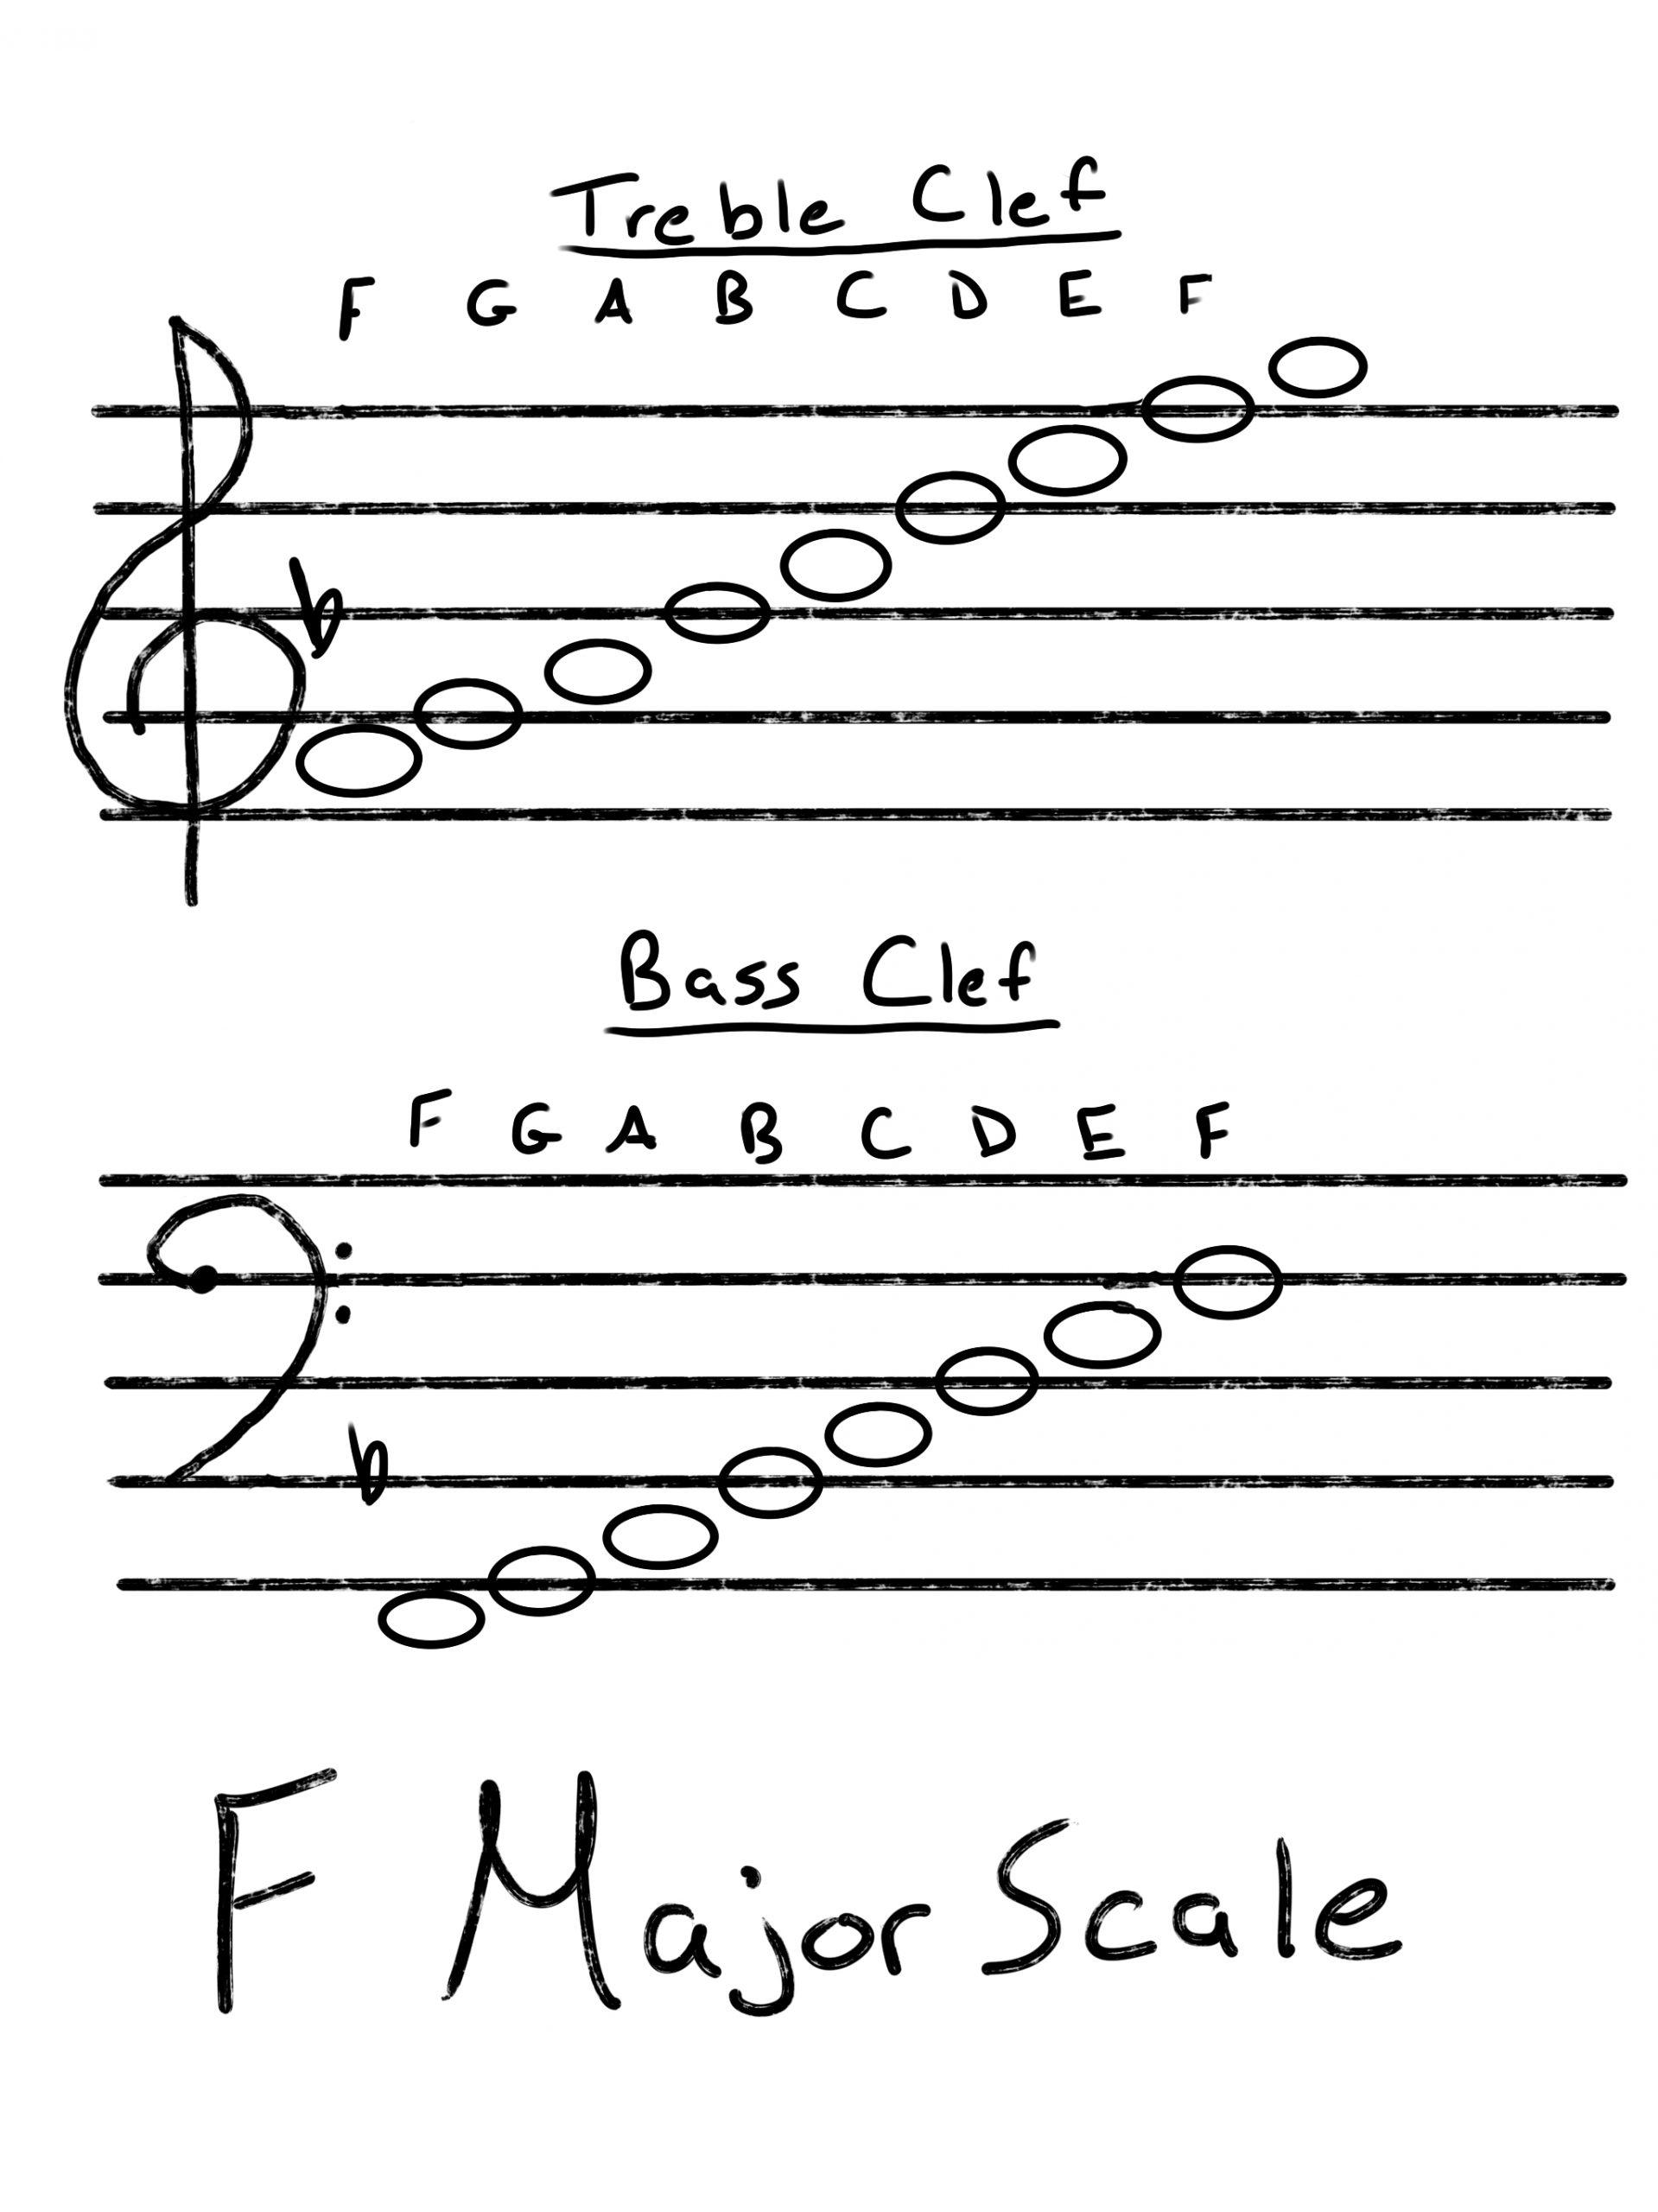 F Major Scale Staff